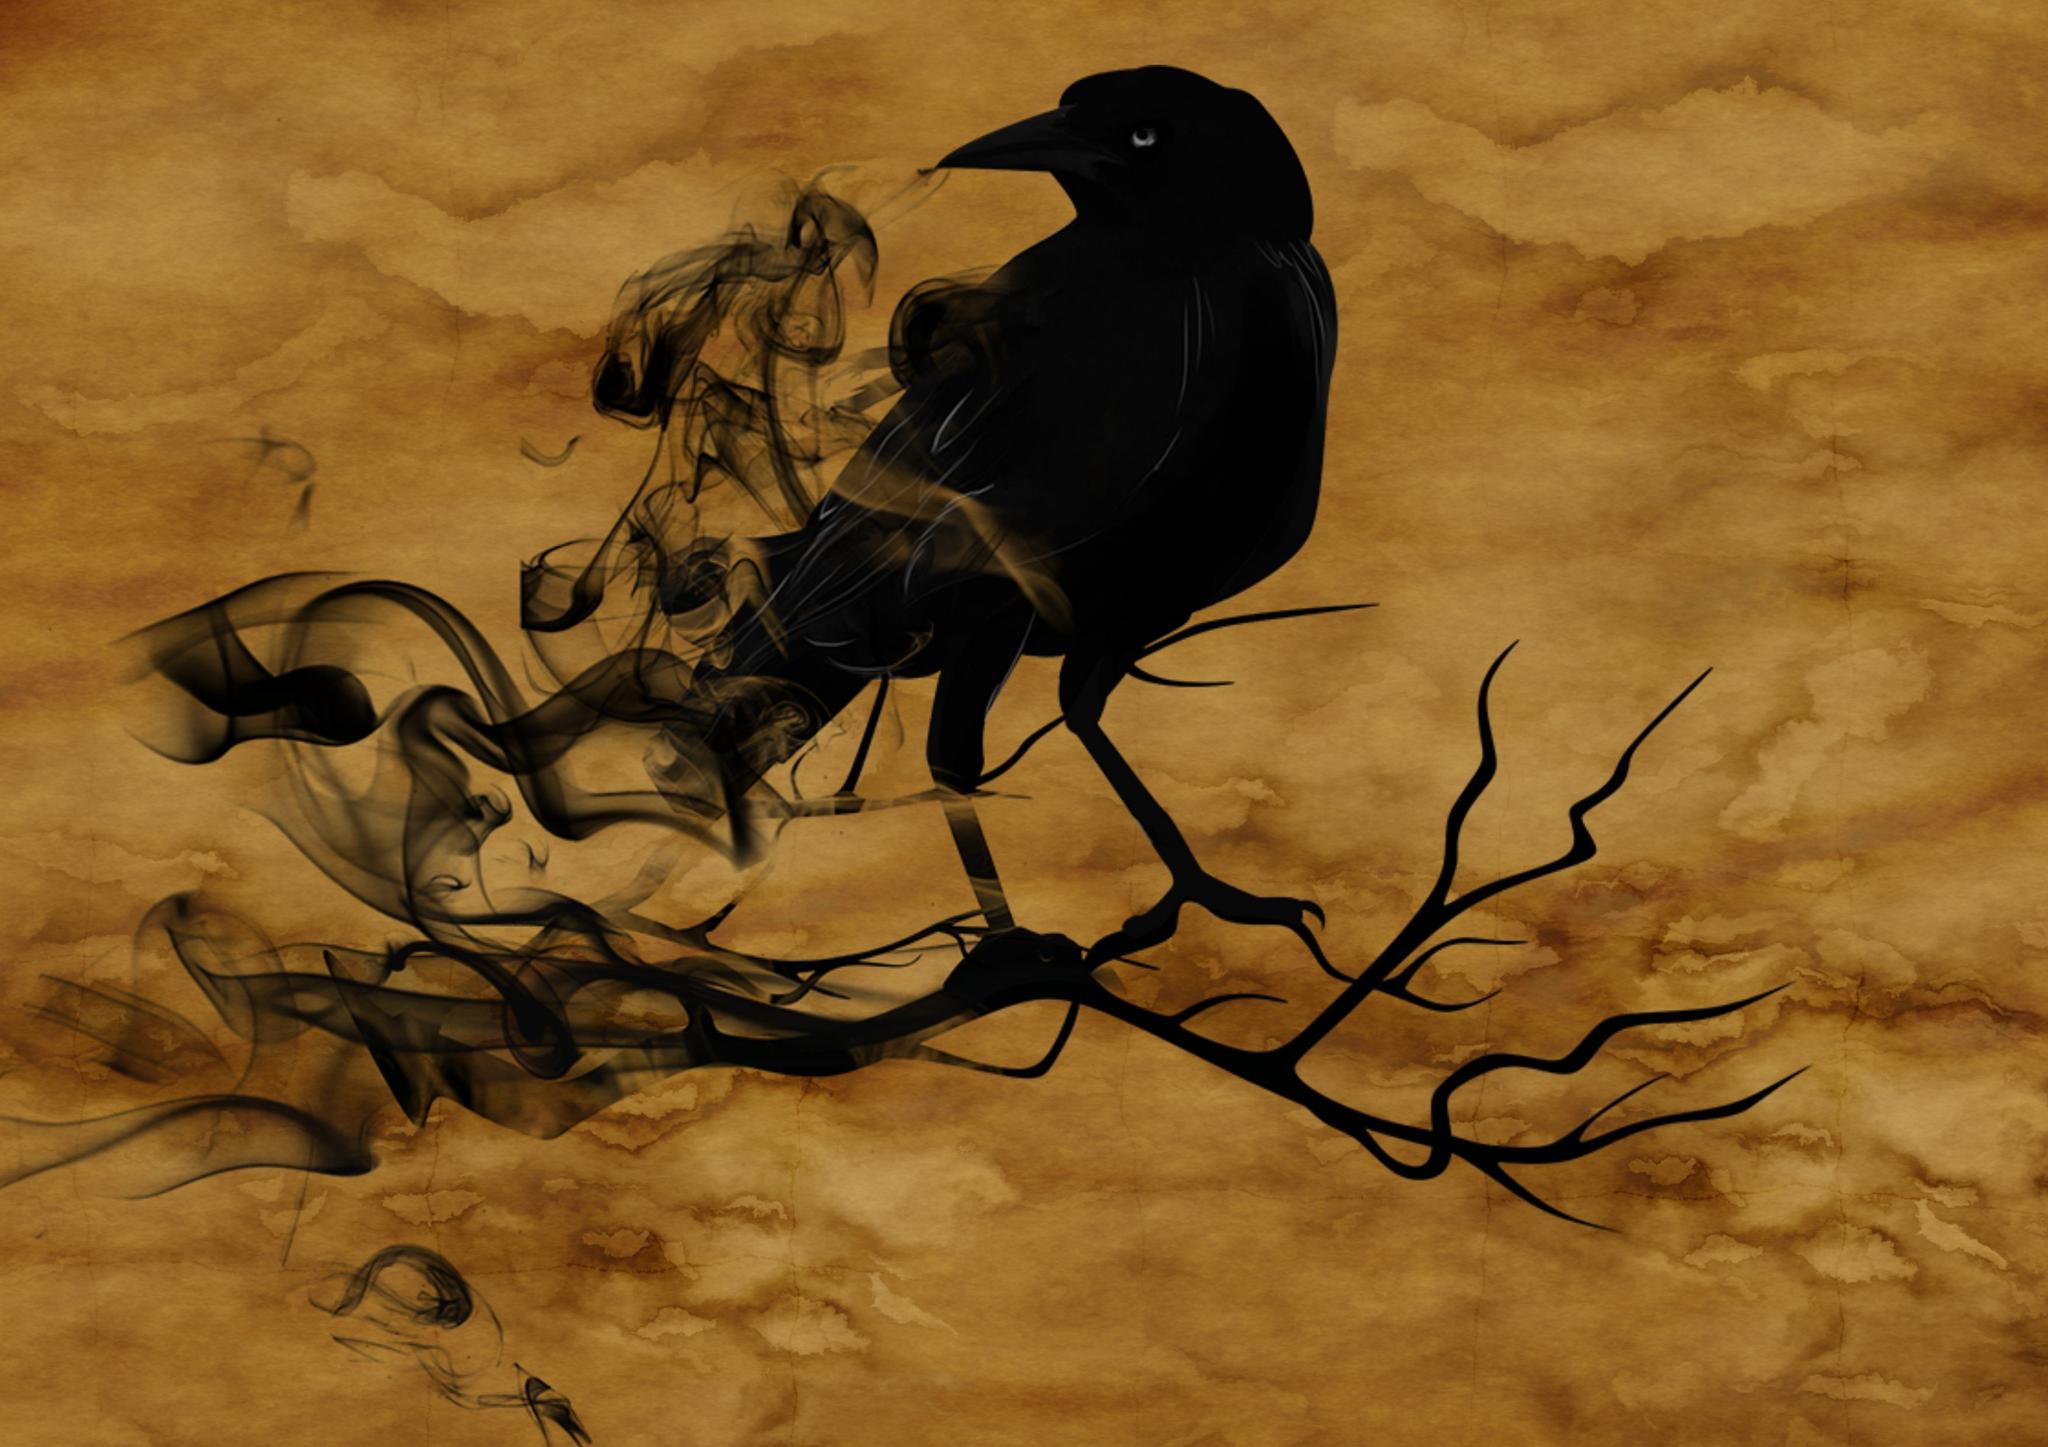 Die Teufelsratten von Kronau IX – Epilog